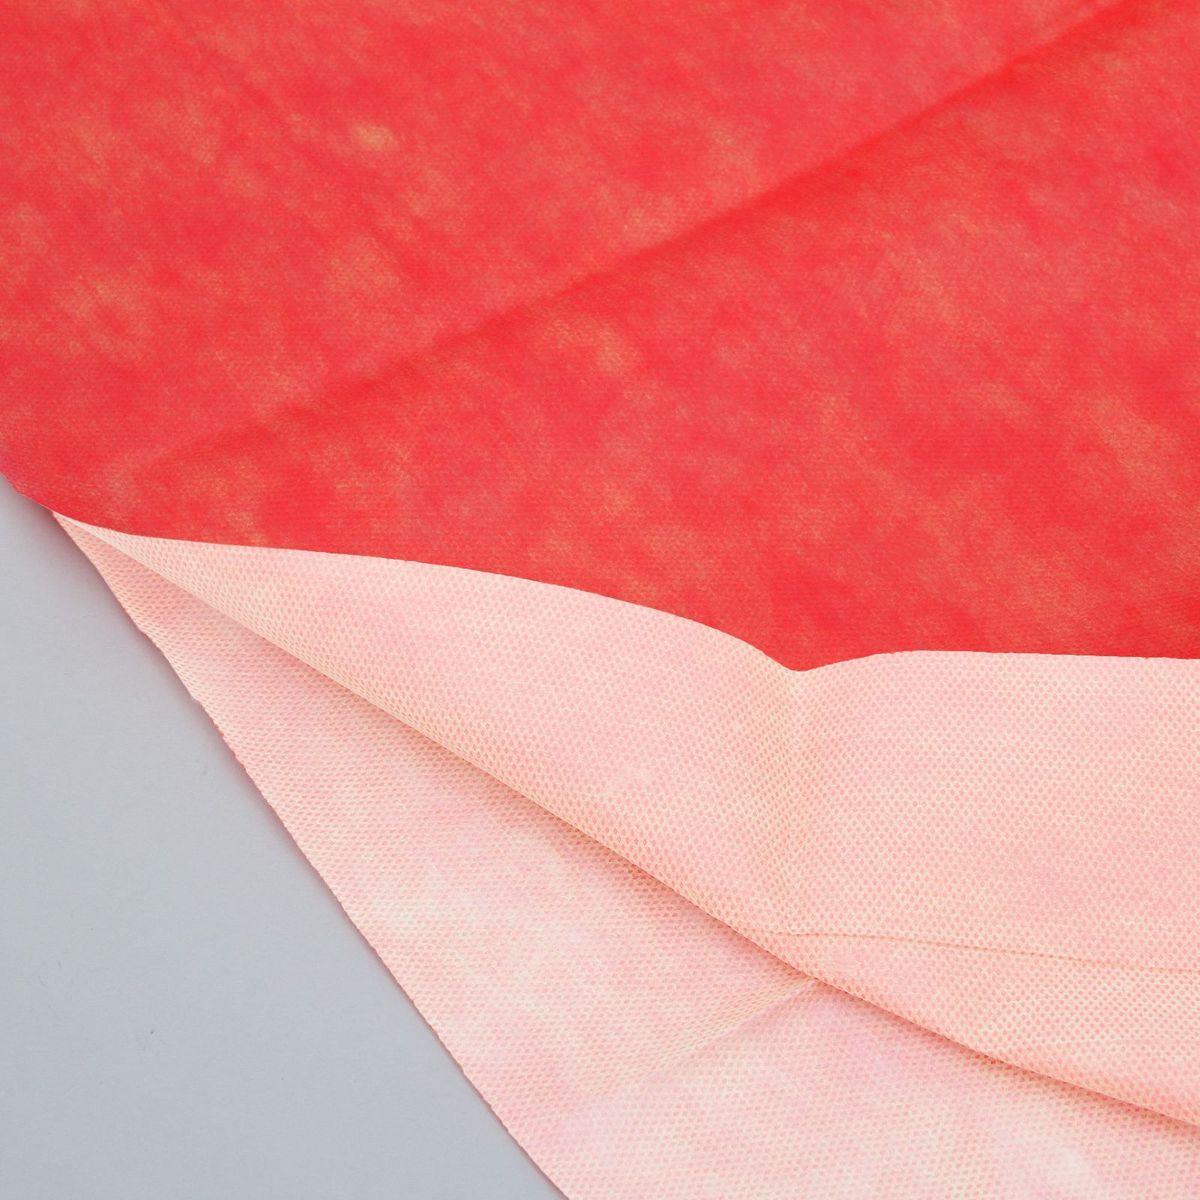 Материал укрывной Агротекс, цвет: белый, красный, 5 х 3 м 130925409840-20.000.00Многофункциональность, надёжность и высокое качество — вот отличительные черты армированного укрывного материала «Агротекс». Позаботьтесь о своих посадках заранее!Назначение: укрытие повышенной прочности для каркасов теплиц и парников.Выгода:надёжная и прочная теплица, которая прослужит несколько сезоновдополнительный доход за счёт получения раннего урожаяэкономия средств на ежегодной замене материала.С надёжным армированным укрывным материалом вы достигнете больших результатов, затрачивая меньше усилий. Плюсы очевидны:повышенная прочность за счёт армированной сетки (материал прослужит до 3 сезонов)защита посадок от заморозков, сильных ливней и градазащита растений от холодной росызащита листьев и плодов от солнечных ожоговсоздание благоприятного микроклимата под укрытиемполучение раннего обильного урожая.Выбирайте лучшее!